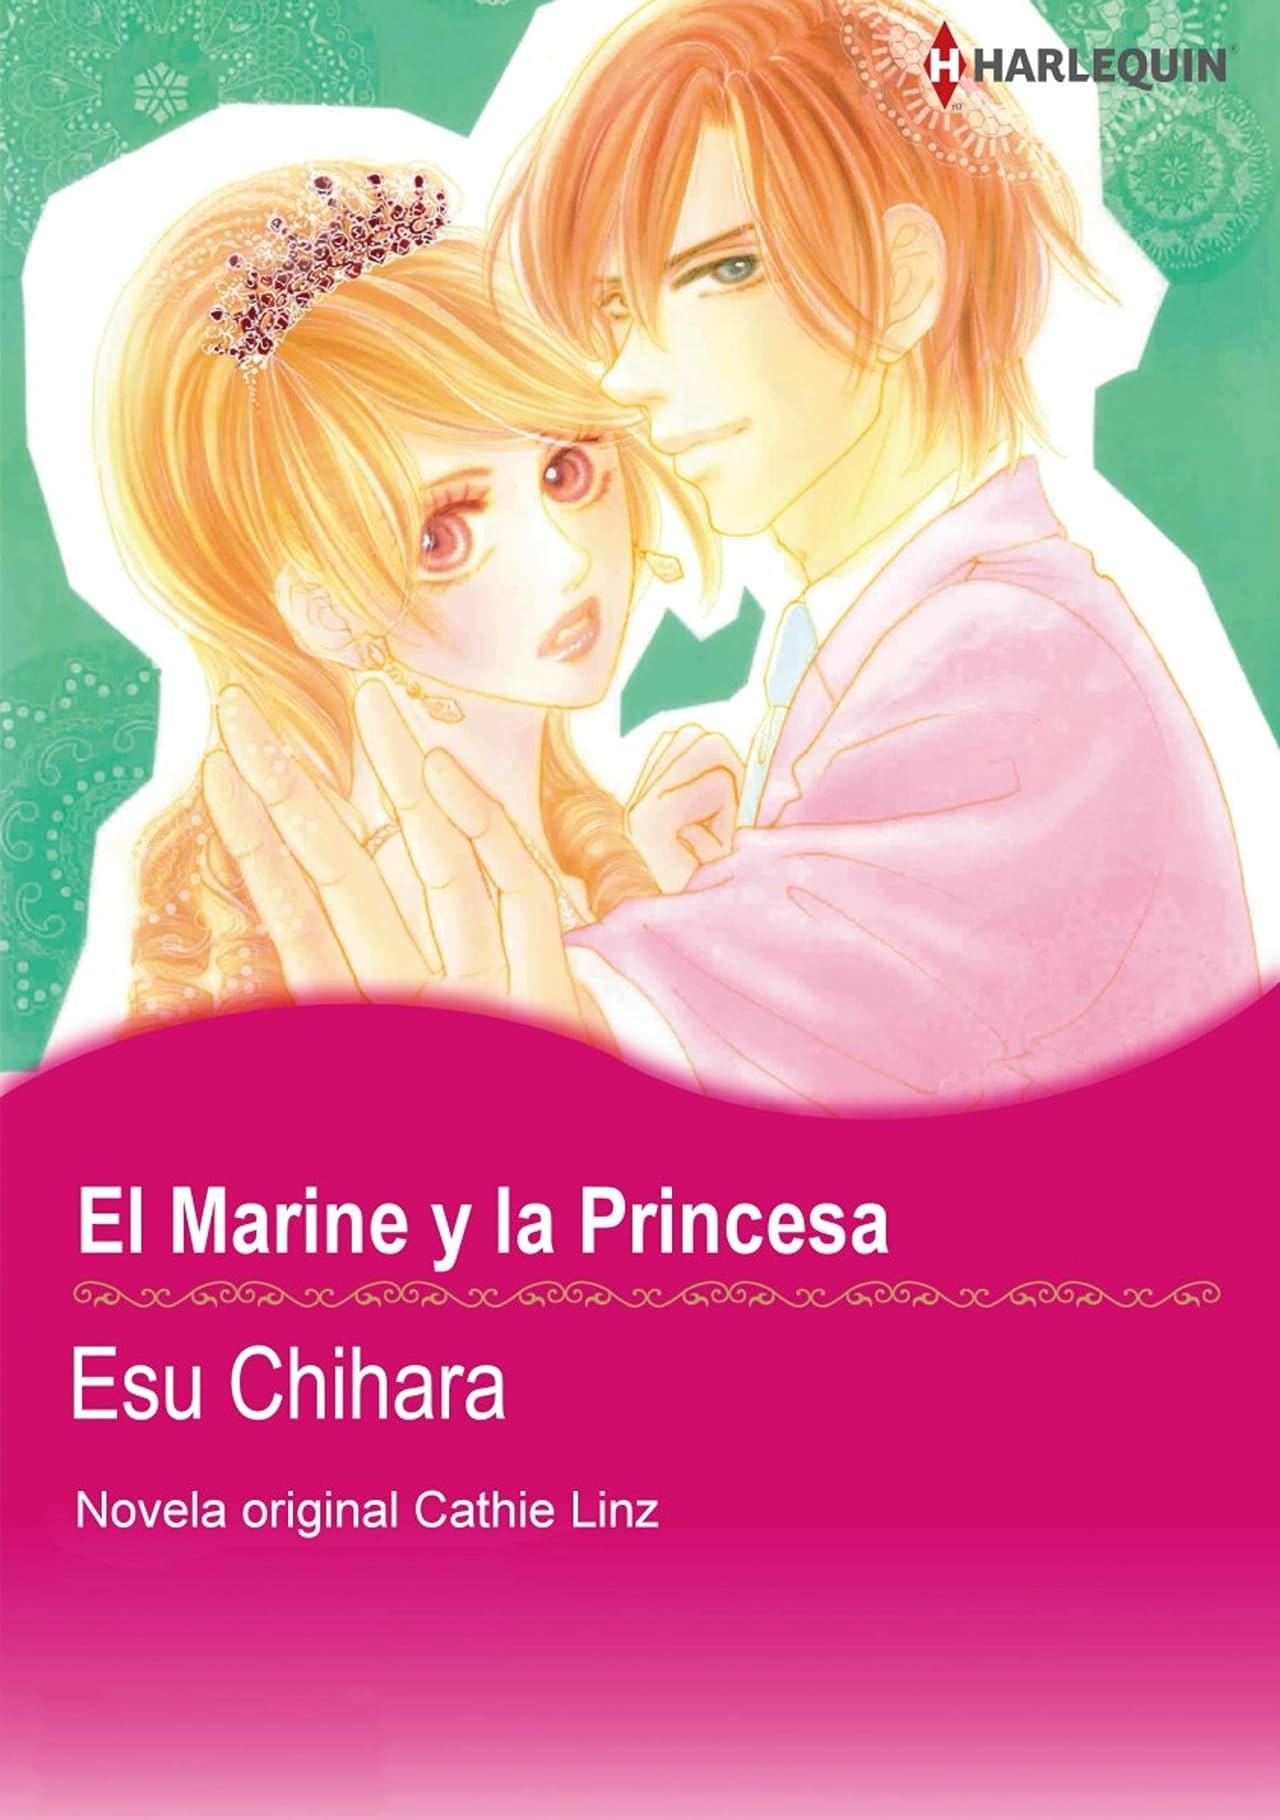 El Marine y la Princesa